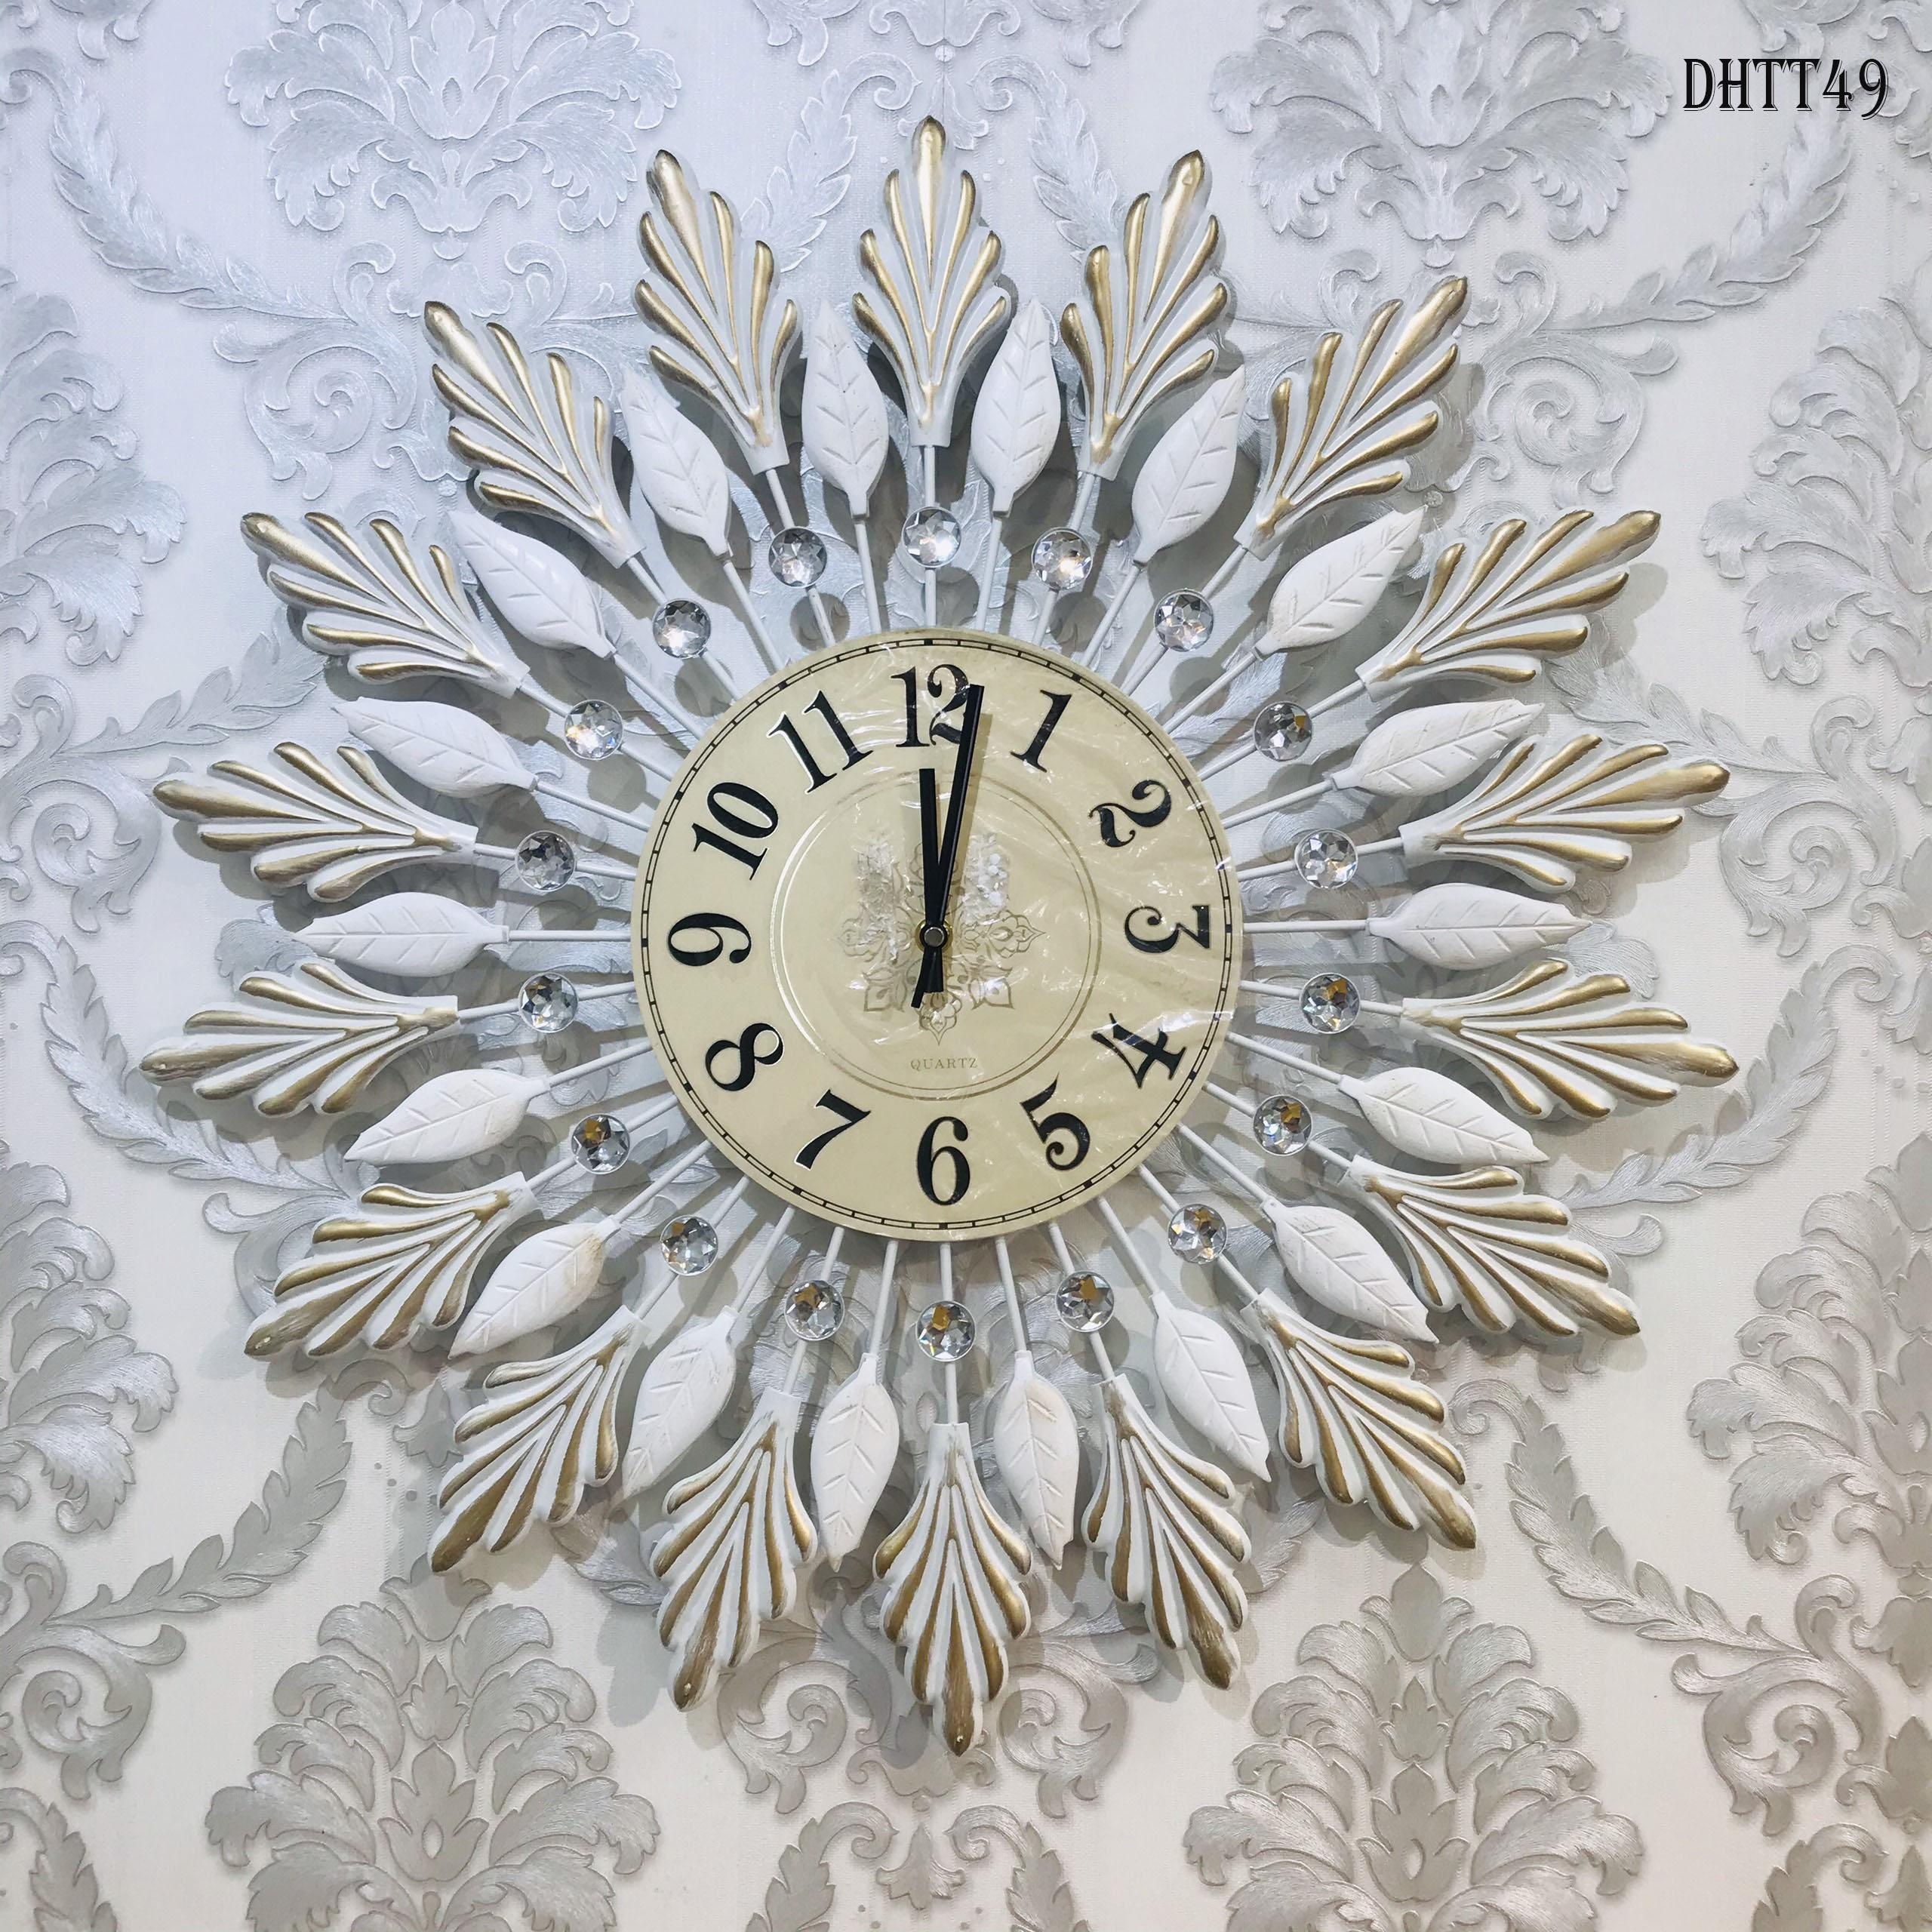 Đồng hồ hợp kim treo tường trang trí nghệ thuật DHTT49 màu trắng. Đồng hồ treo tường  mẫu decor độc đáo làm quà tặng tân gia (59x59cm)